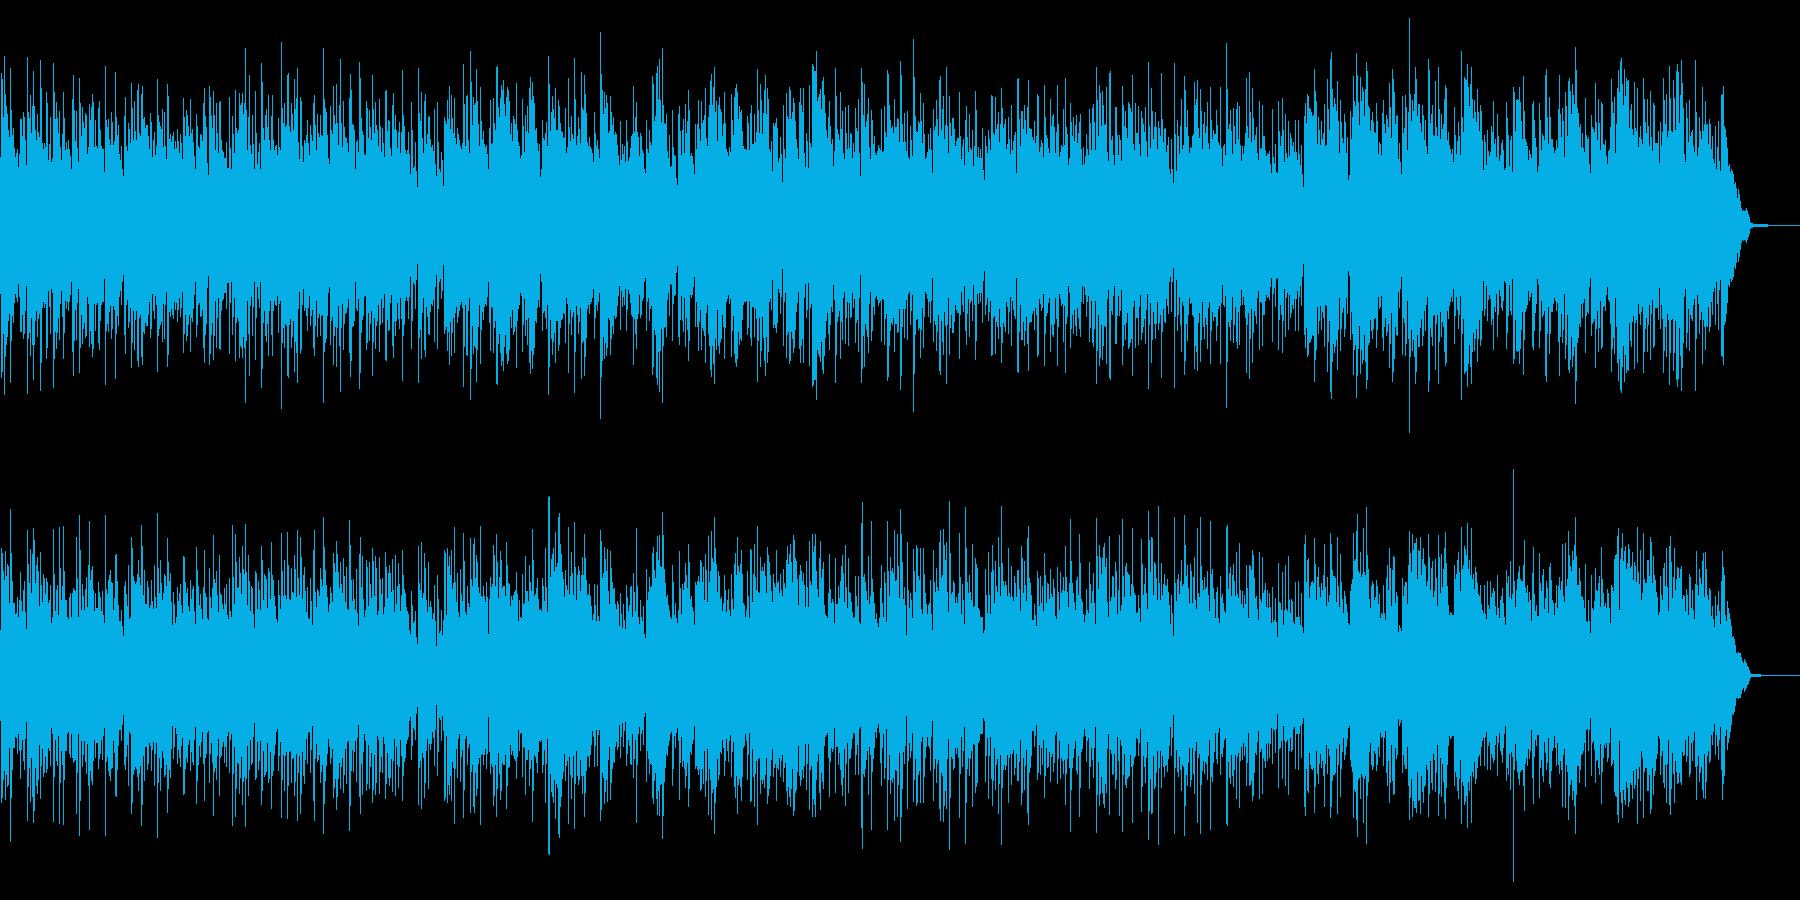 しっとりした雰囲気のポップス2の再生済みの波形